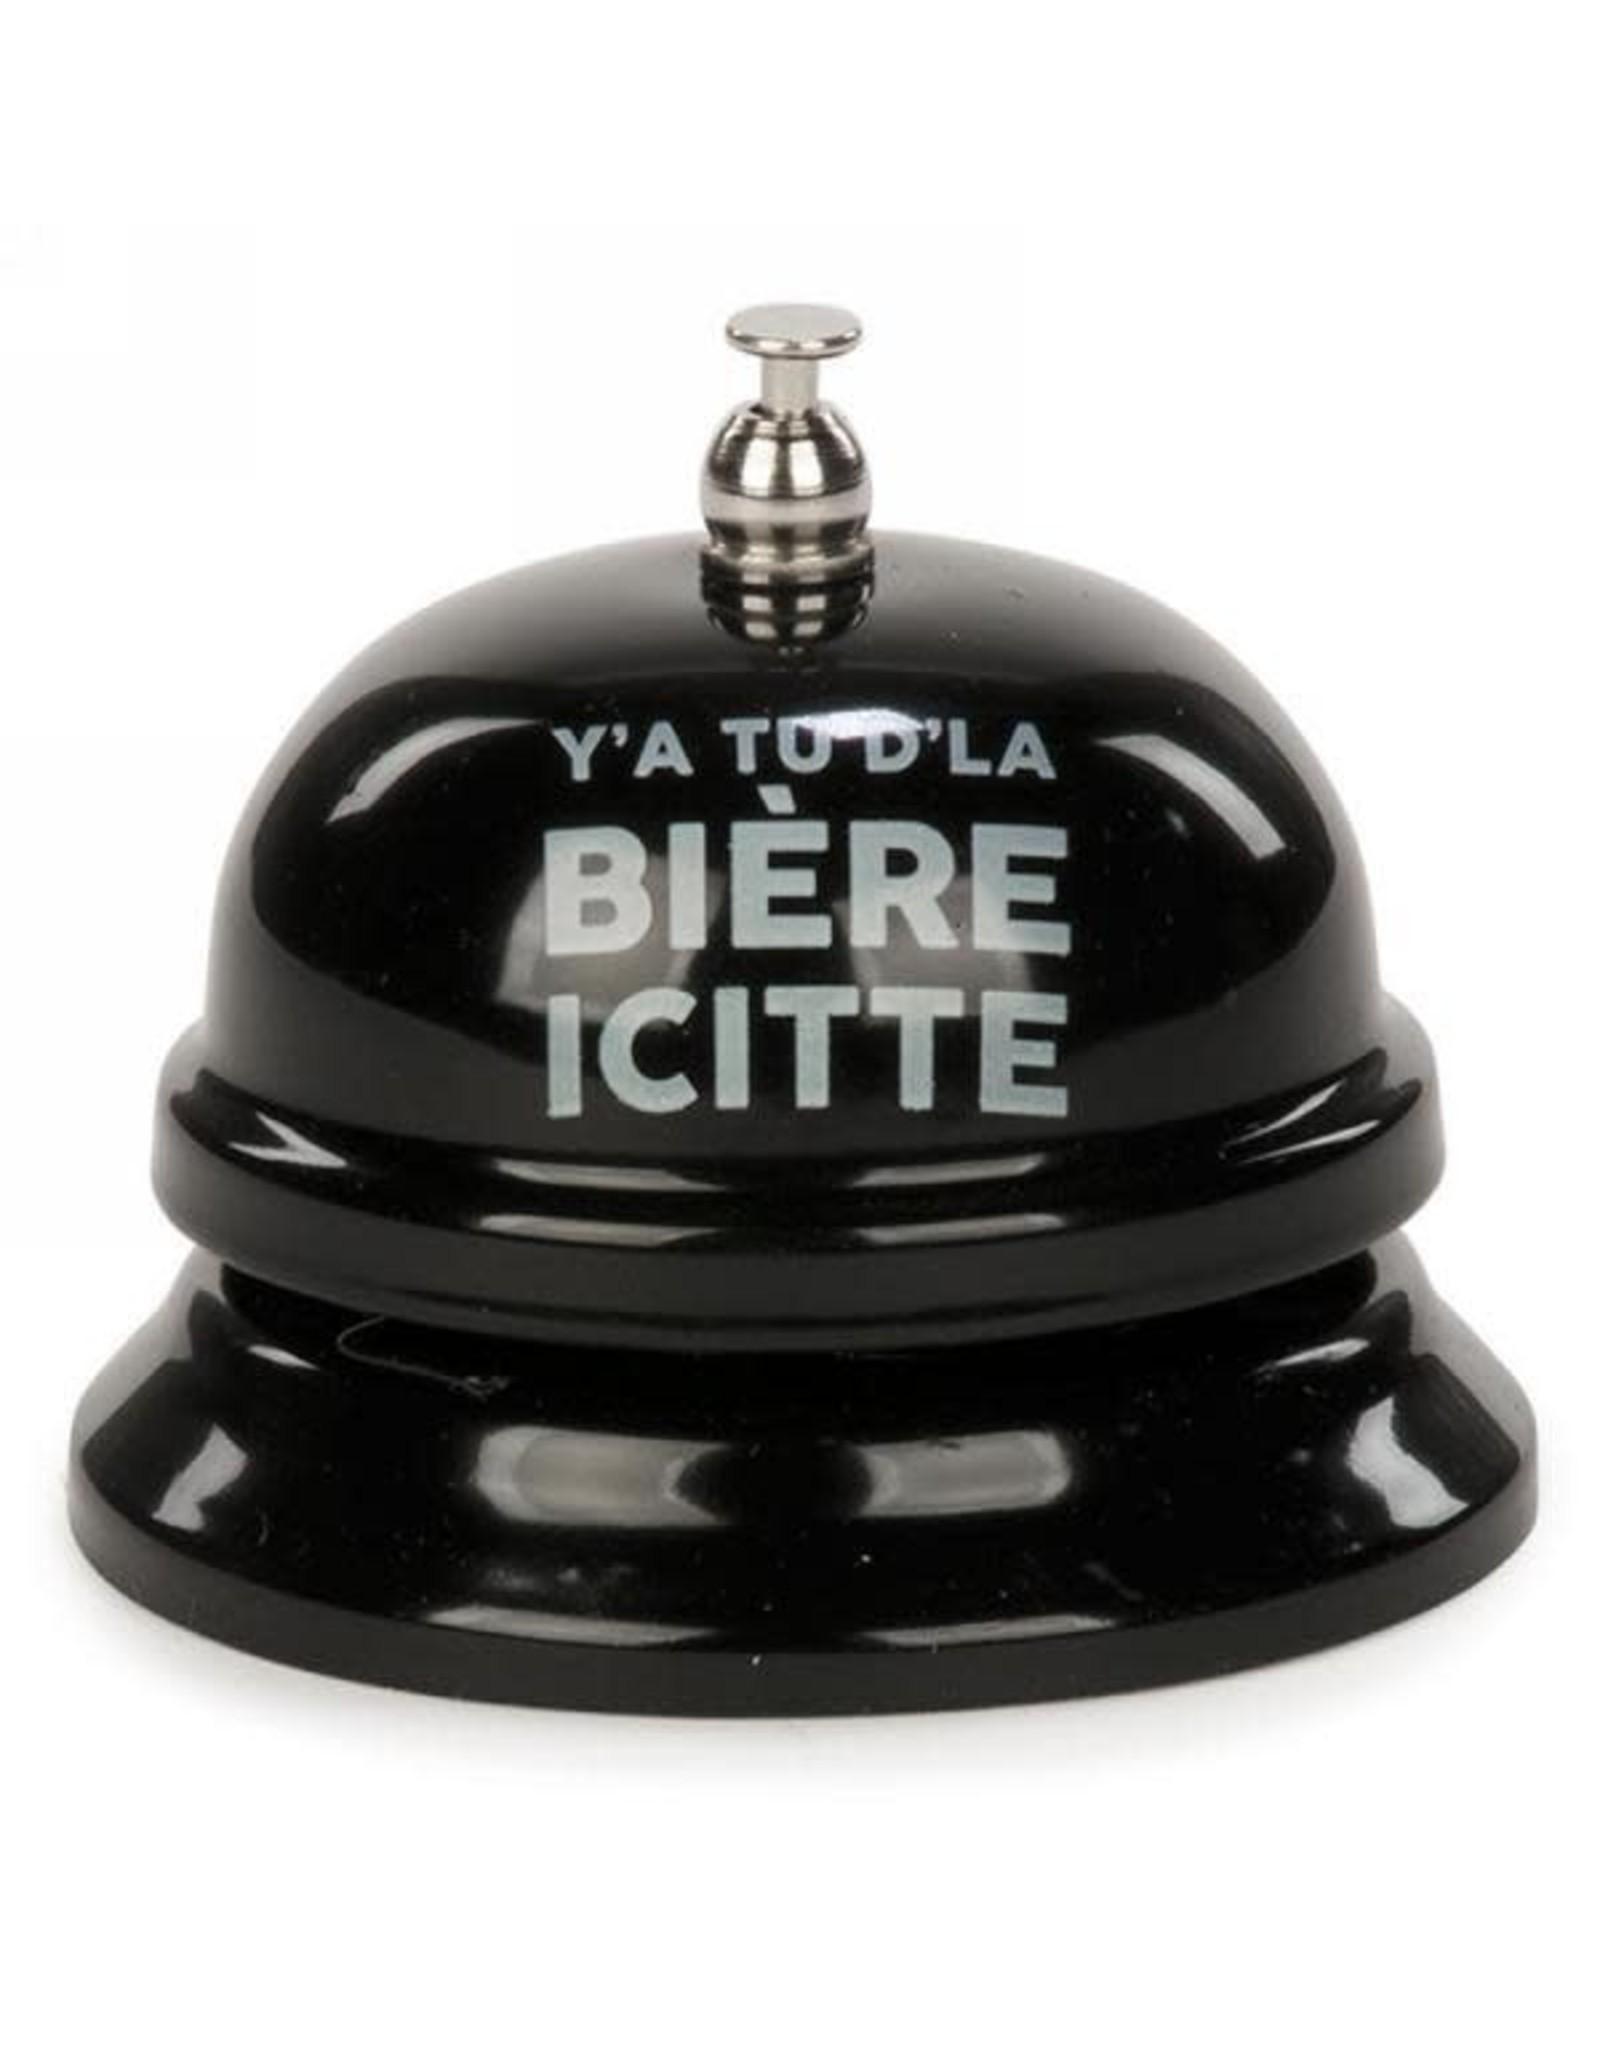 Sonnette en métal - Y'a tu d'là bière icitte